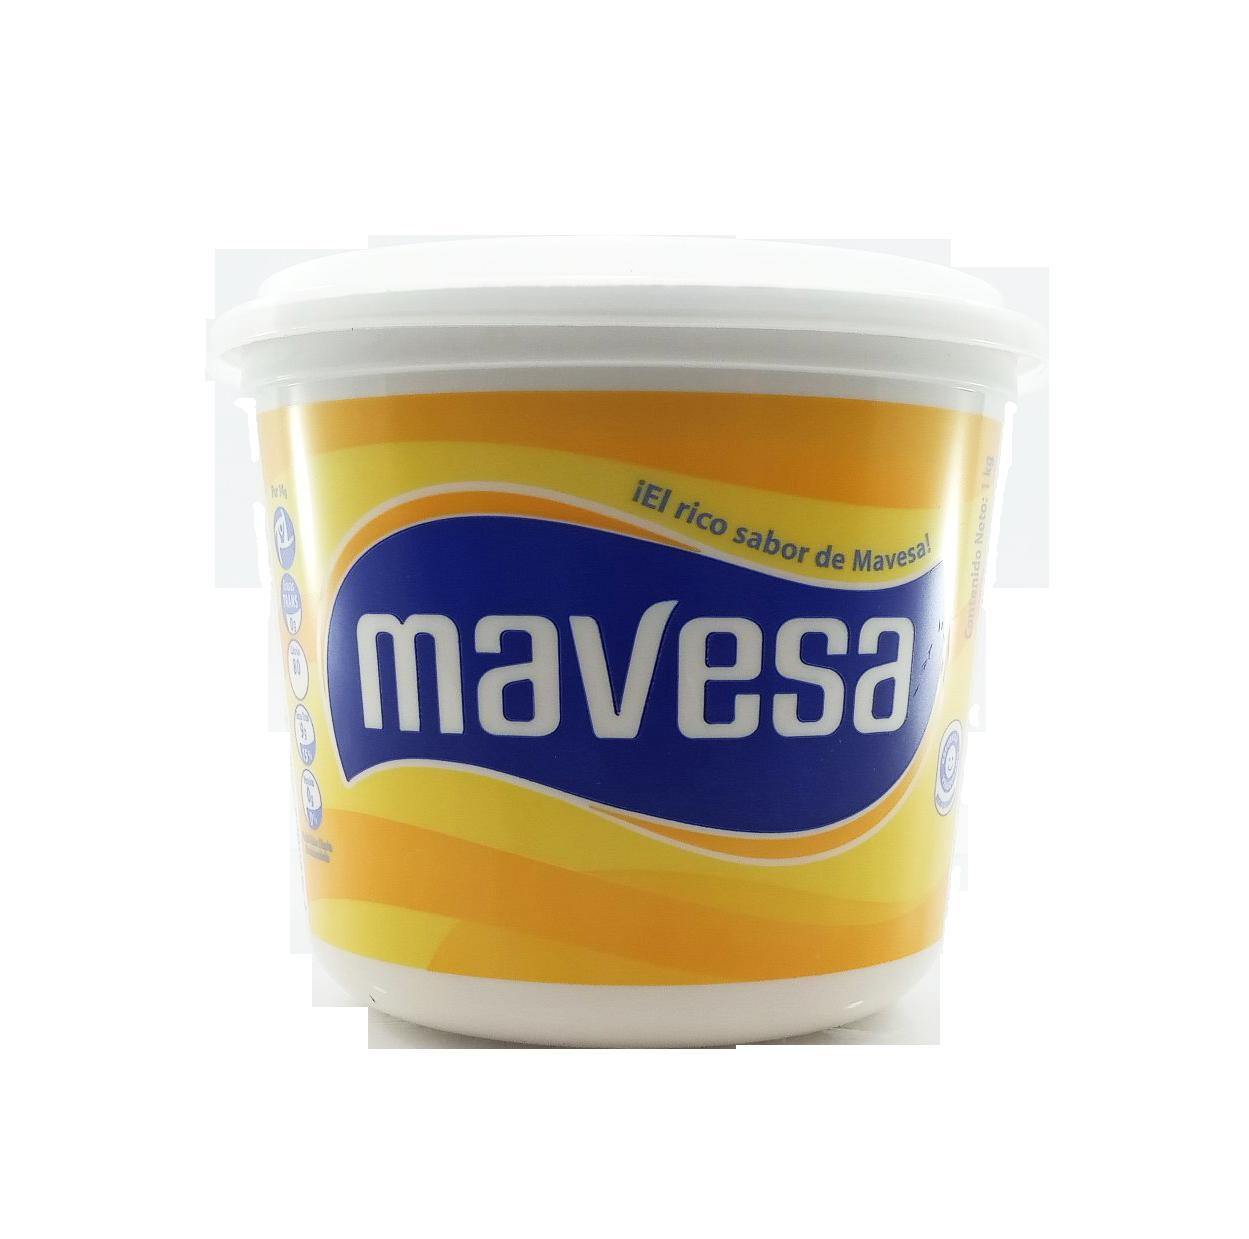 MAVESA MARGARINA NORMAL 1KG